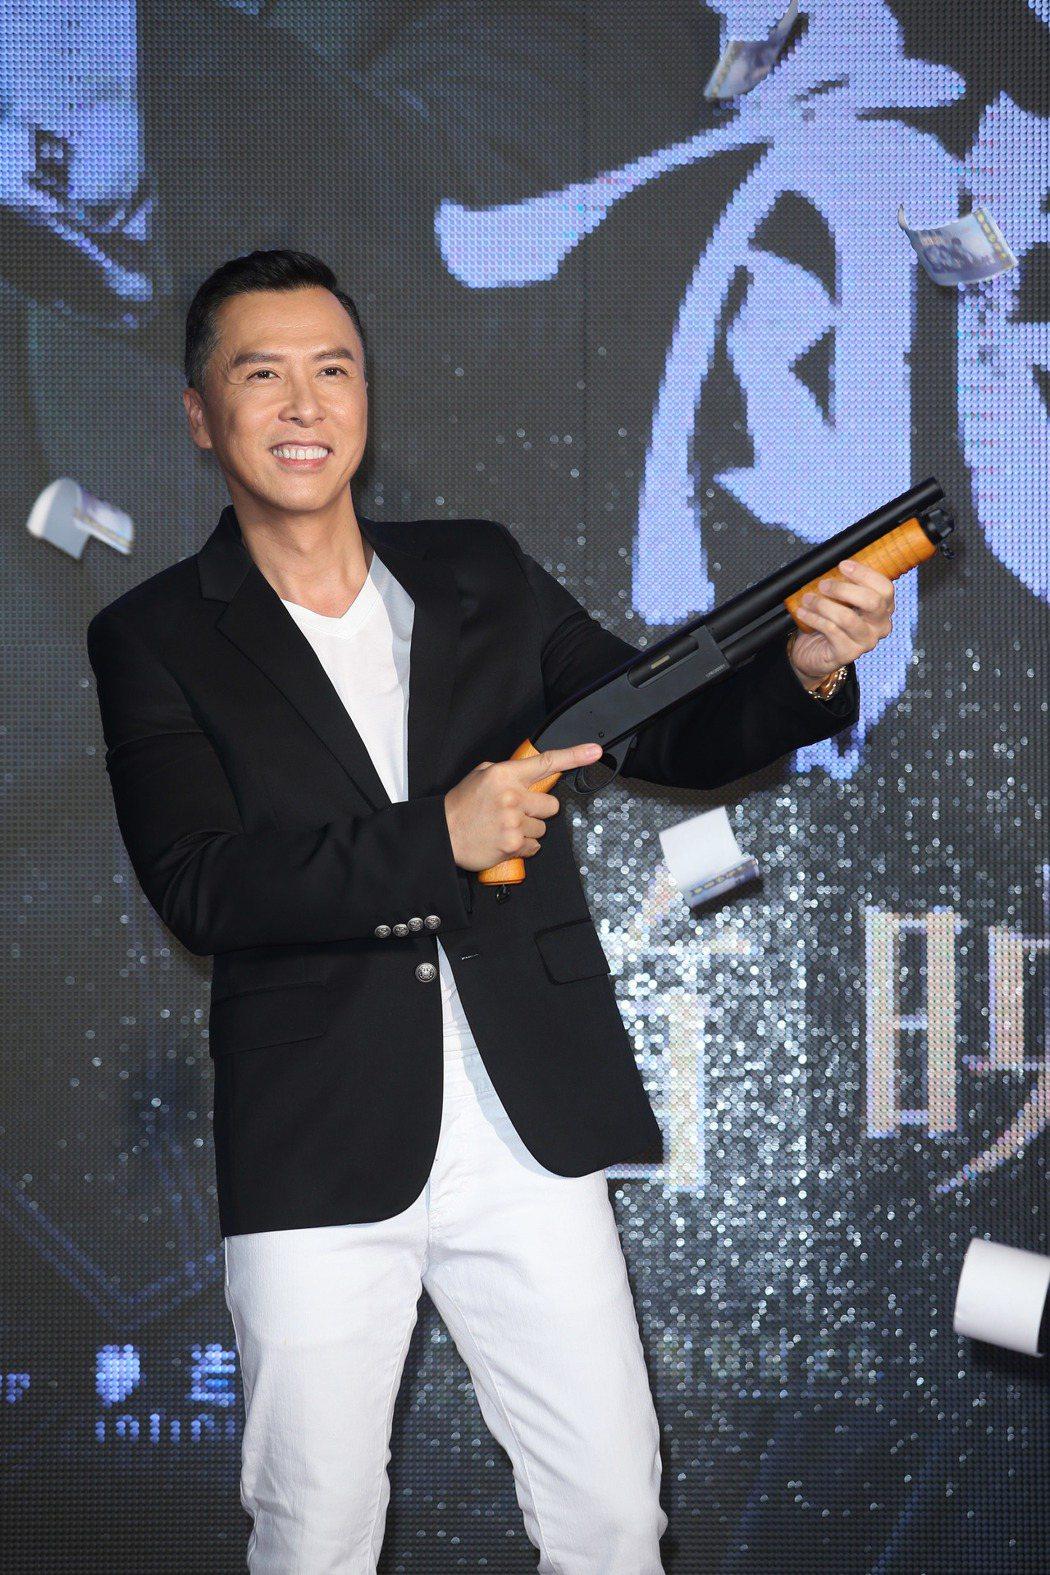 甄子丹來台出席電影「追龍」首映。記者陳瑞源/攝影